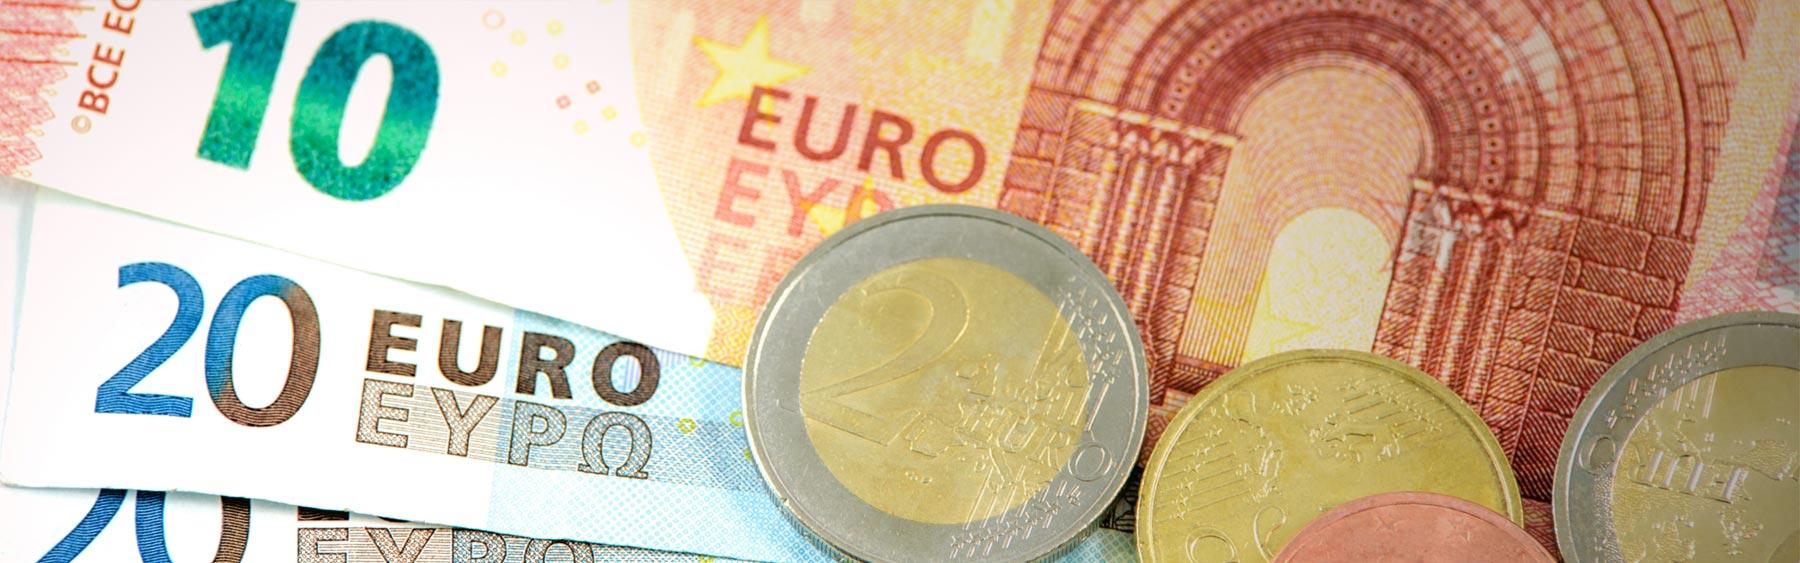 PayOK-keurmerk garandeert het juiste loon